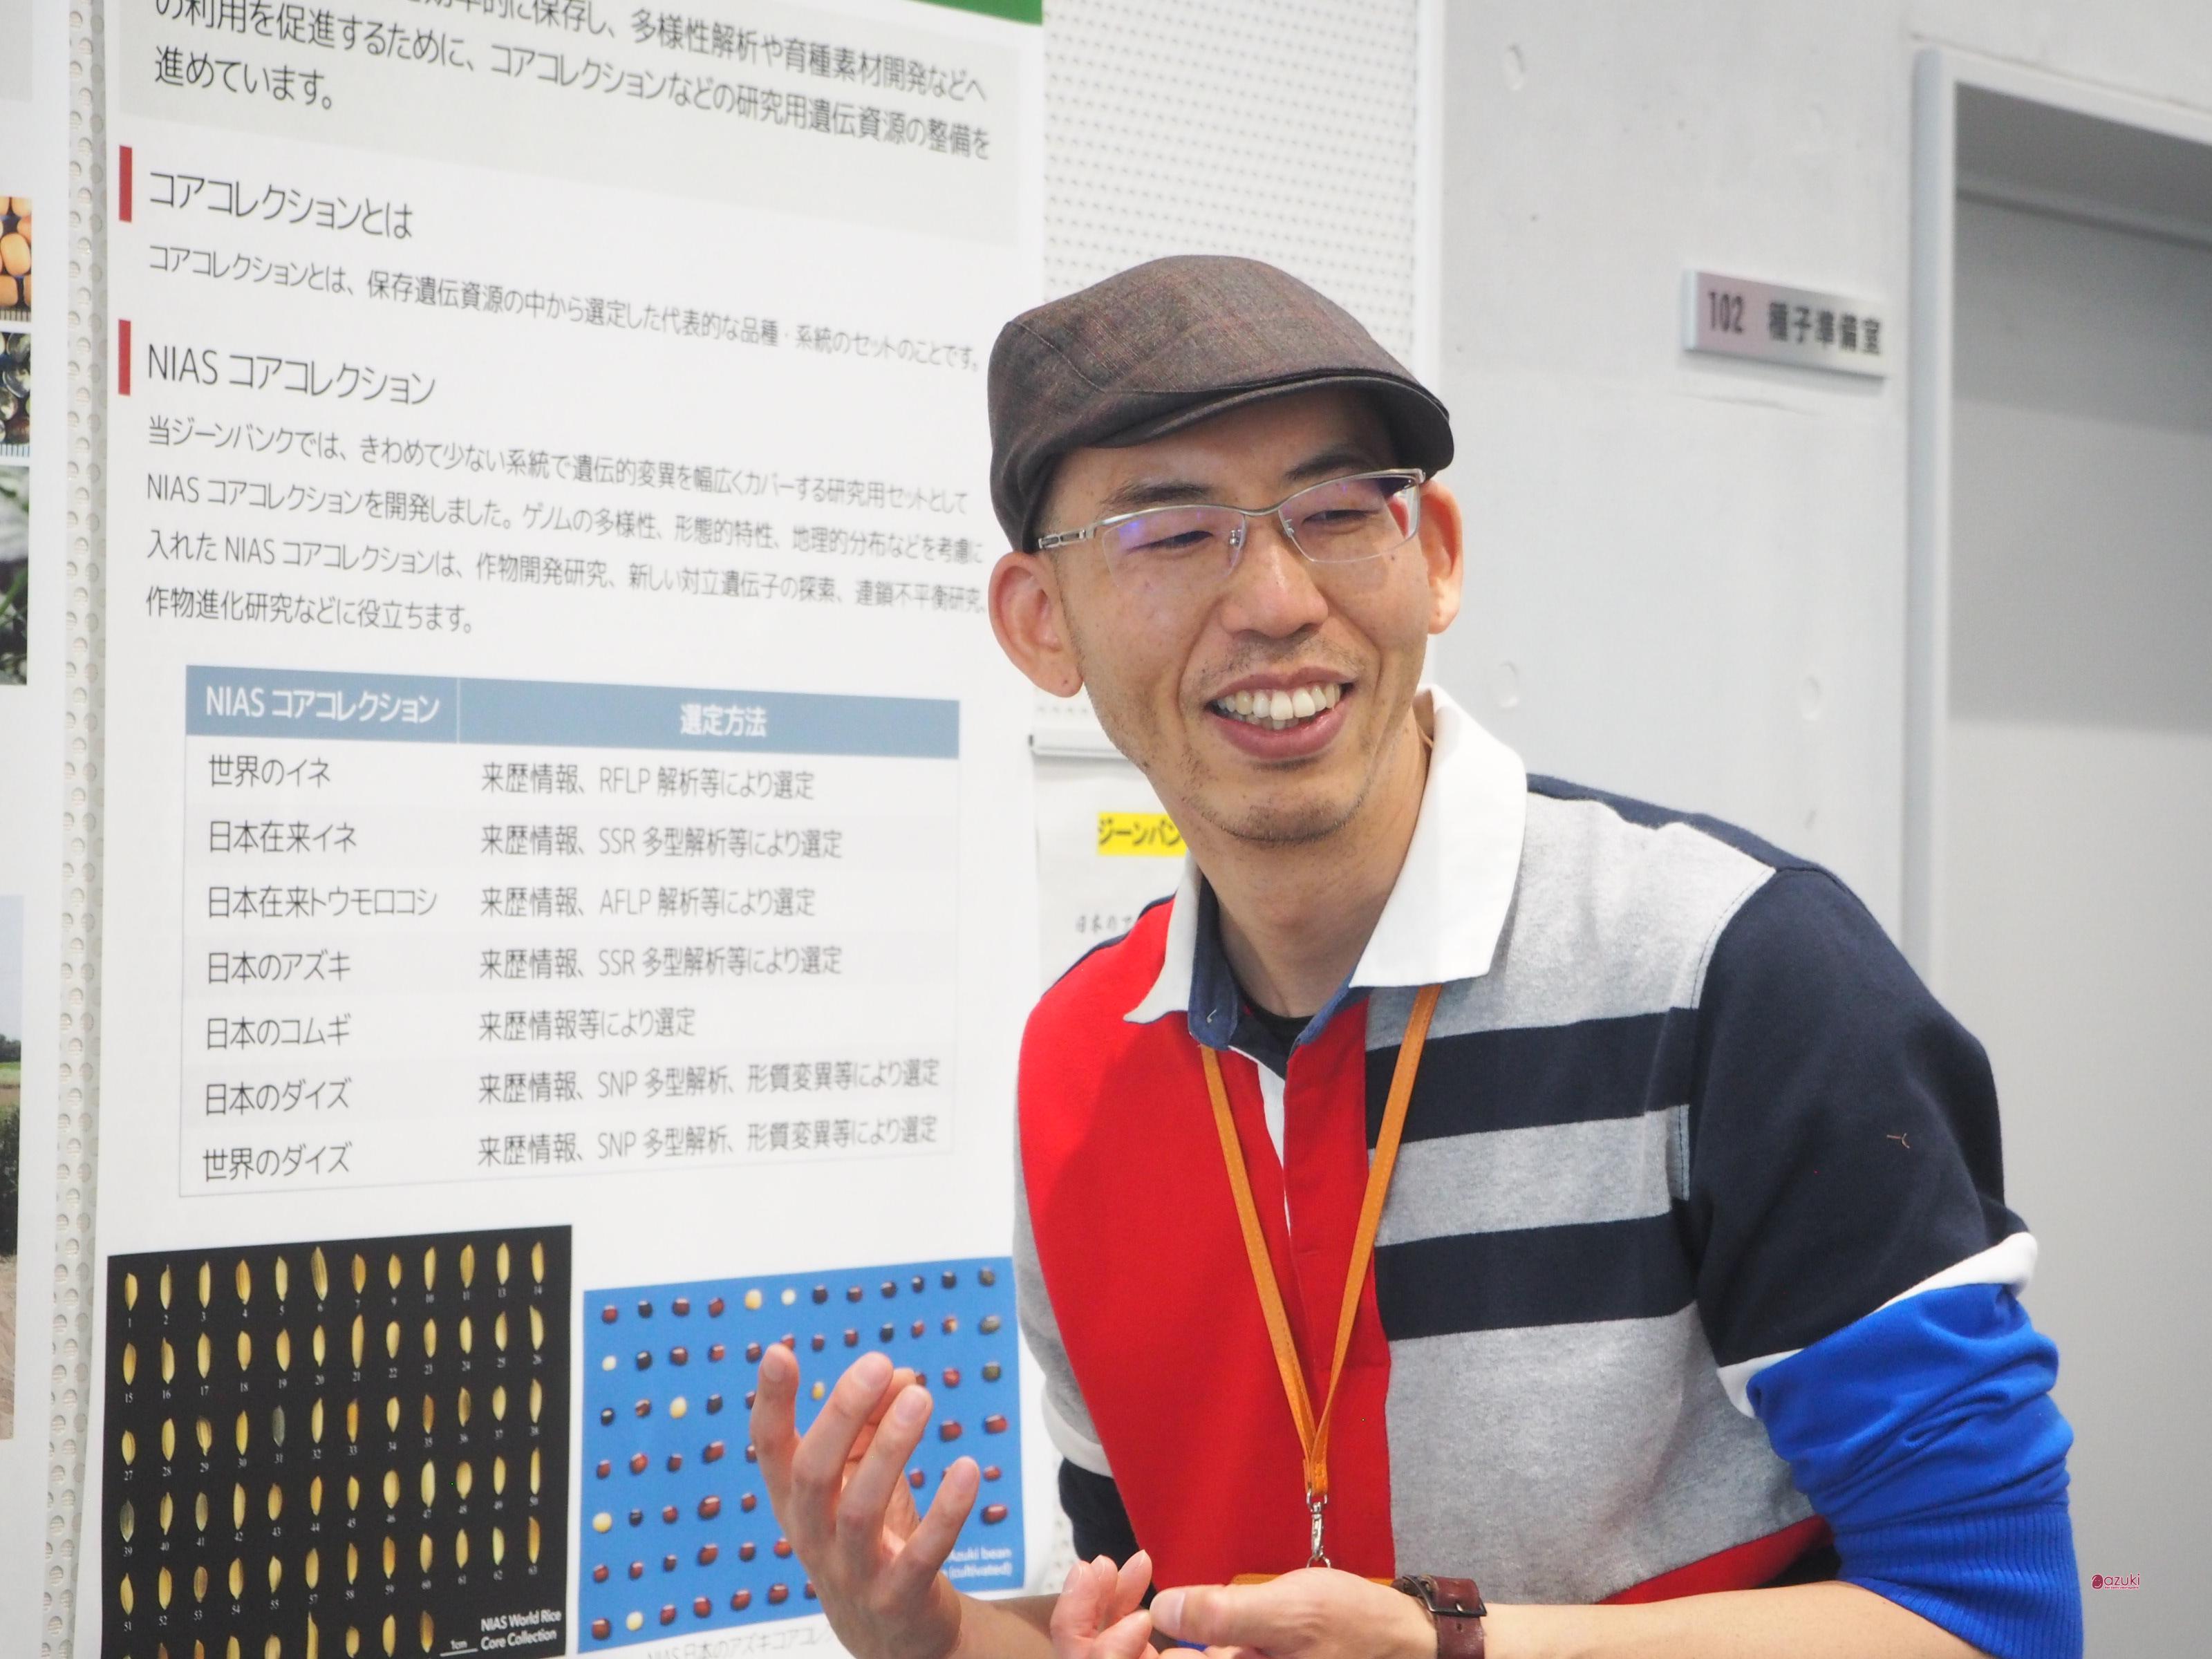 アズキコレクション展示の前でお話しくださる、内藤健さん